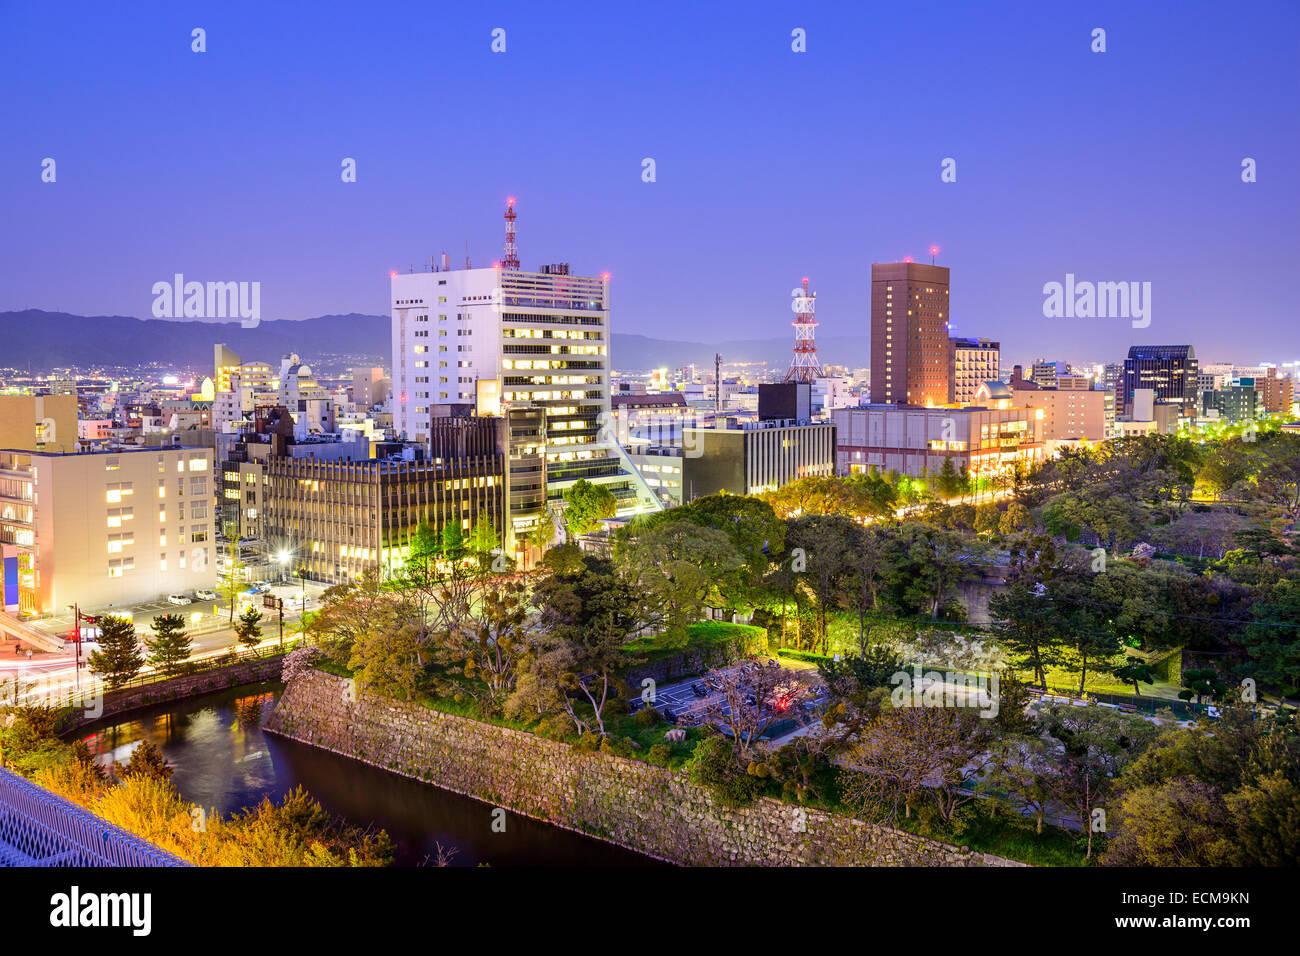 Wakayama City, Japan cityscape at twilight. - Stock Image